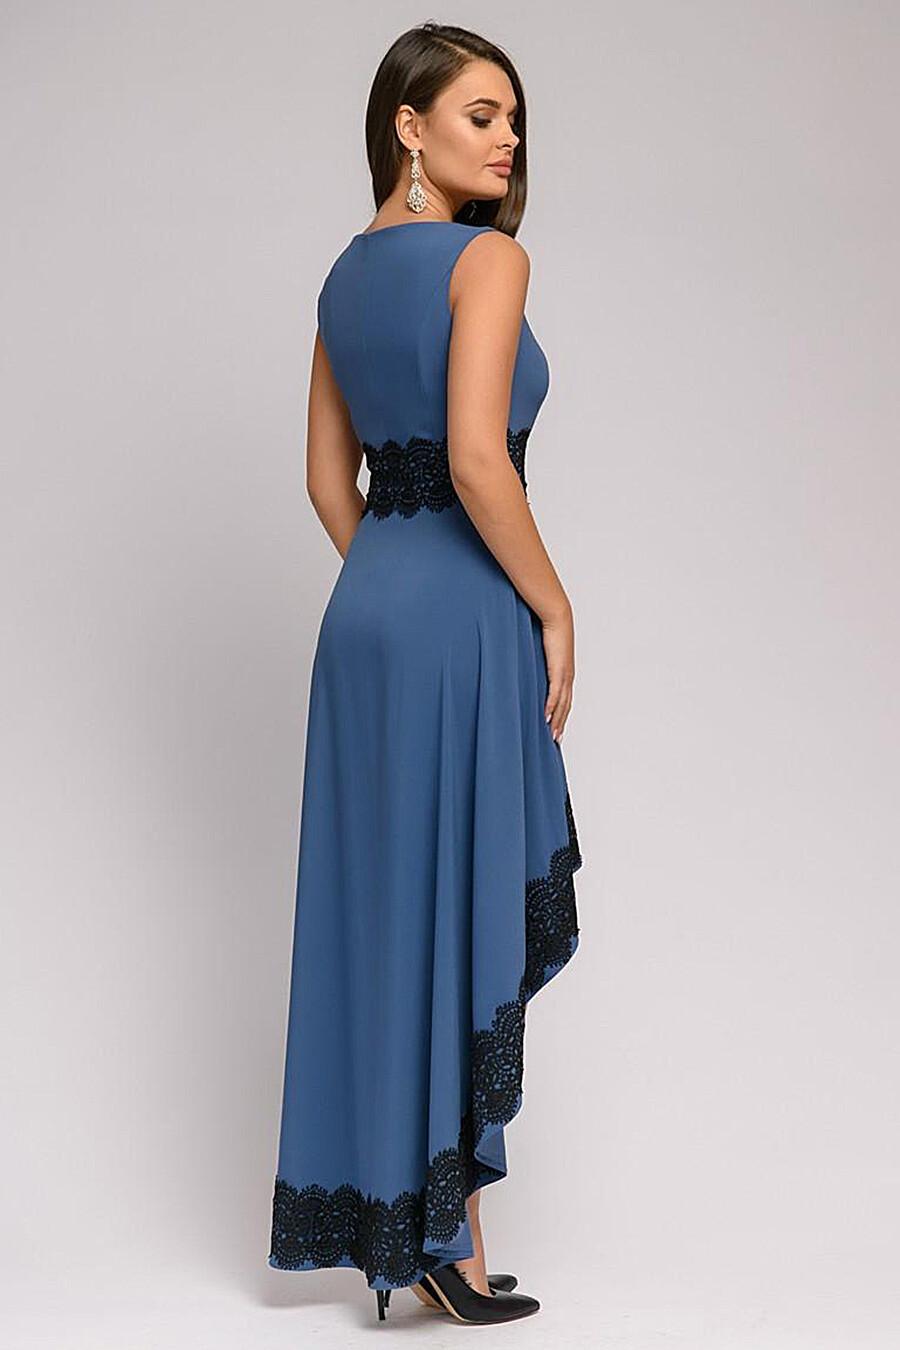 Платье для женщин 1001 DRESS 165886 купить оптом от производителя. Совместная покупка женской одежды в OptMoyo